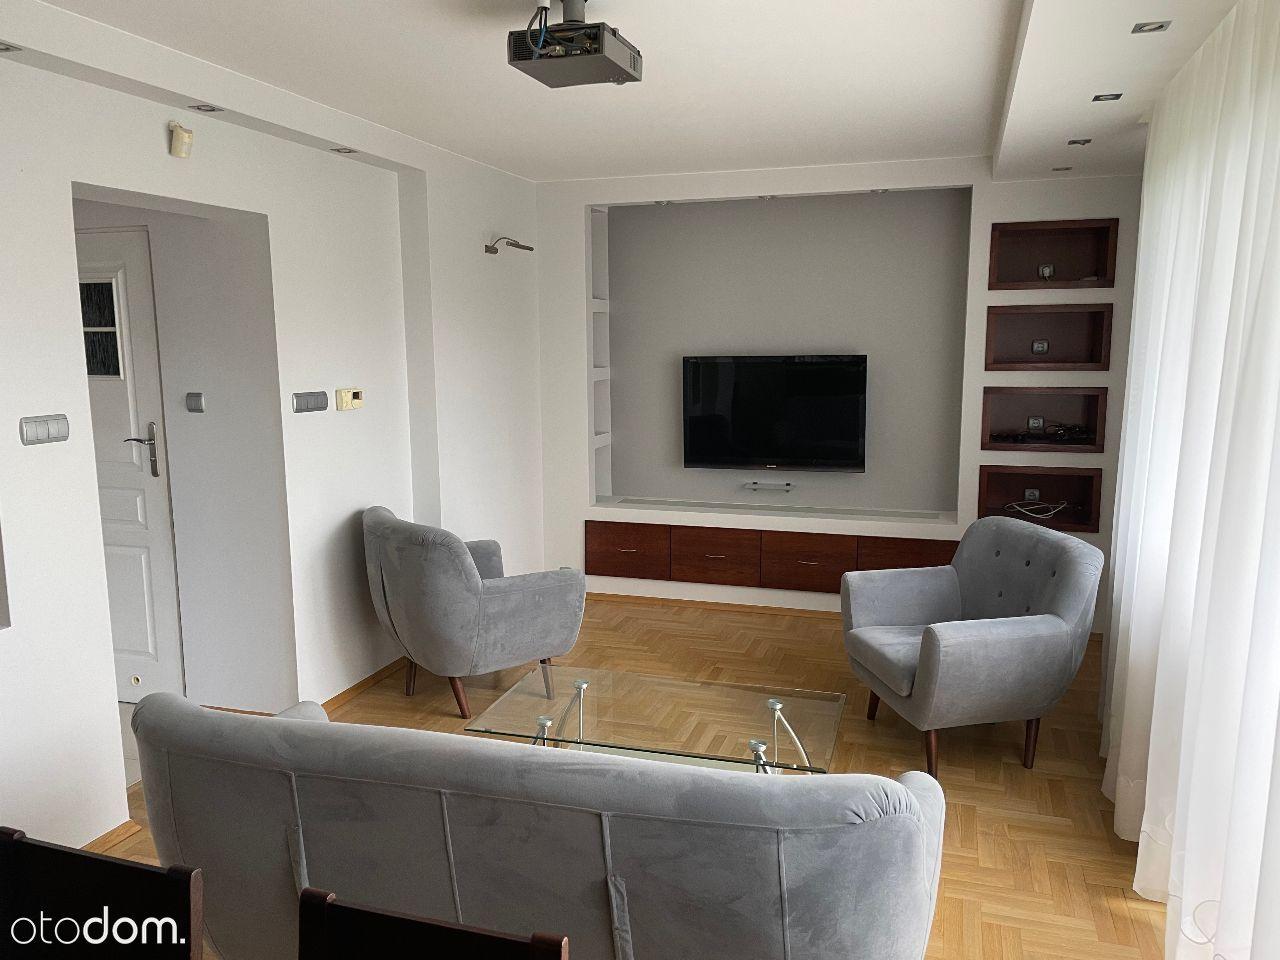 W pełni umeblowane mieszkanie Lipińska Wołomin 56m